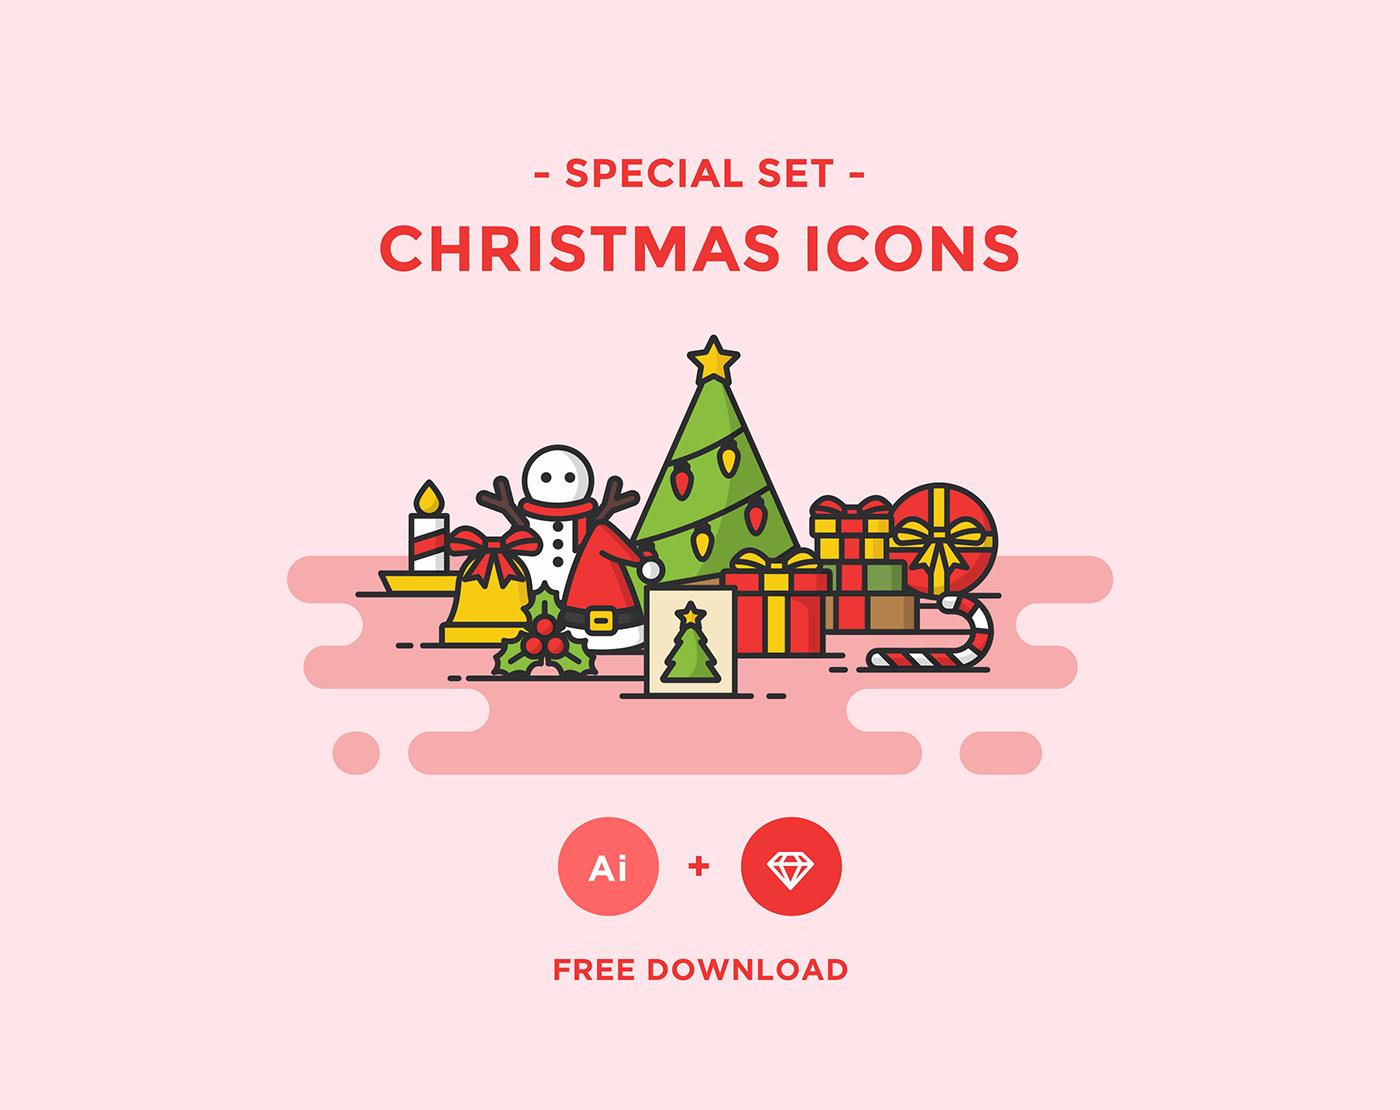 Iconos navideños para descargar gratis